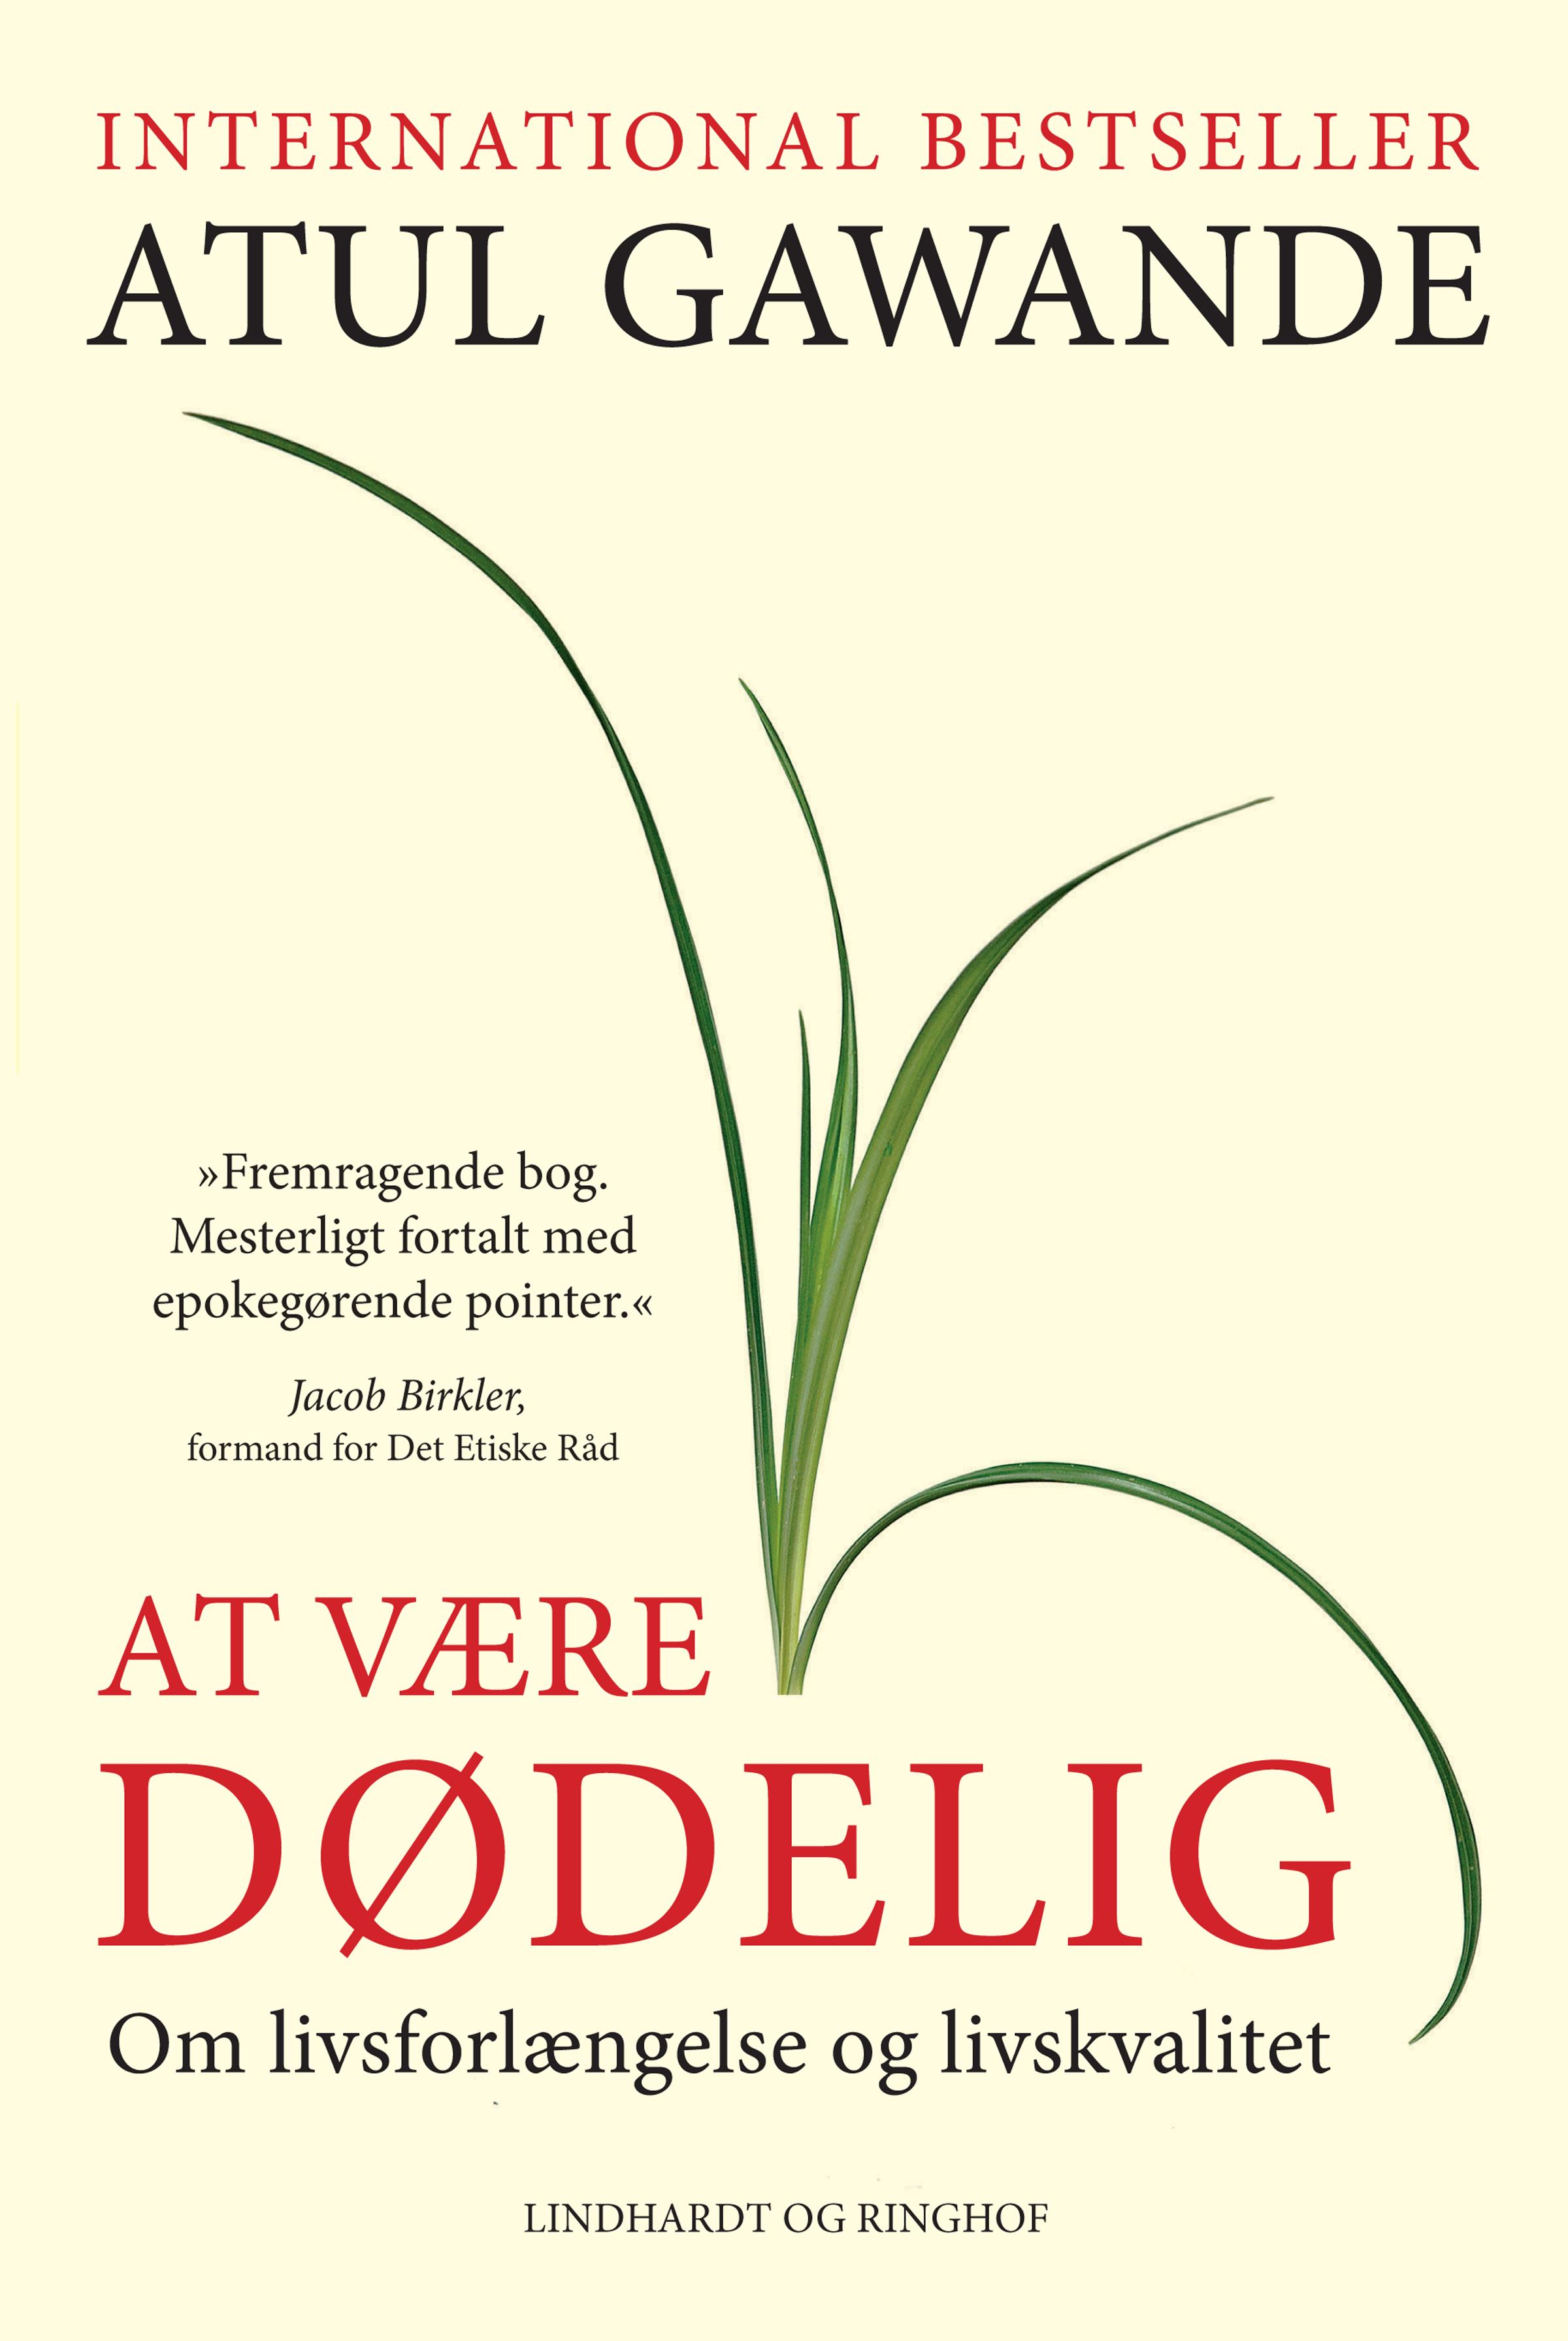 N/A At være dødelig - om livsforlængelse og livskvalitet - e-bog fra bog & mystik